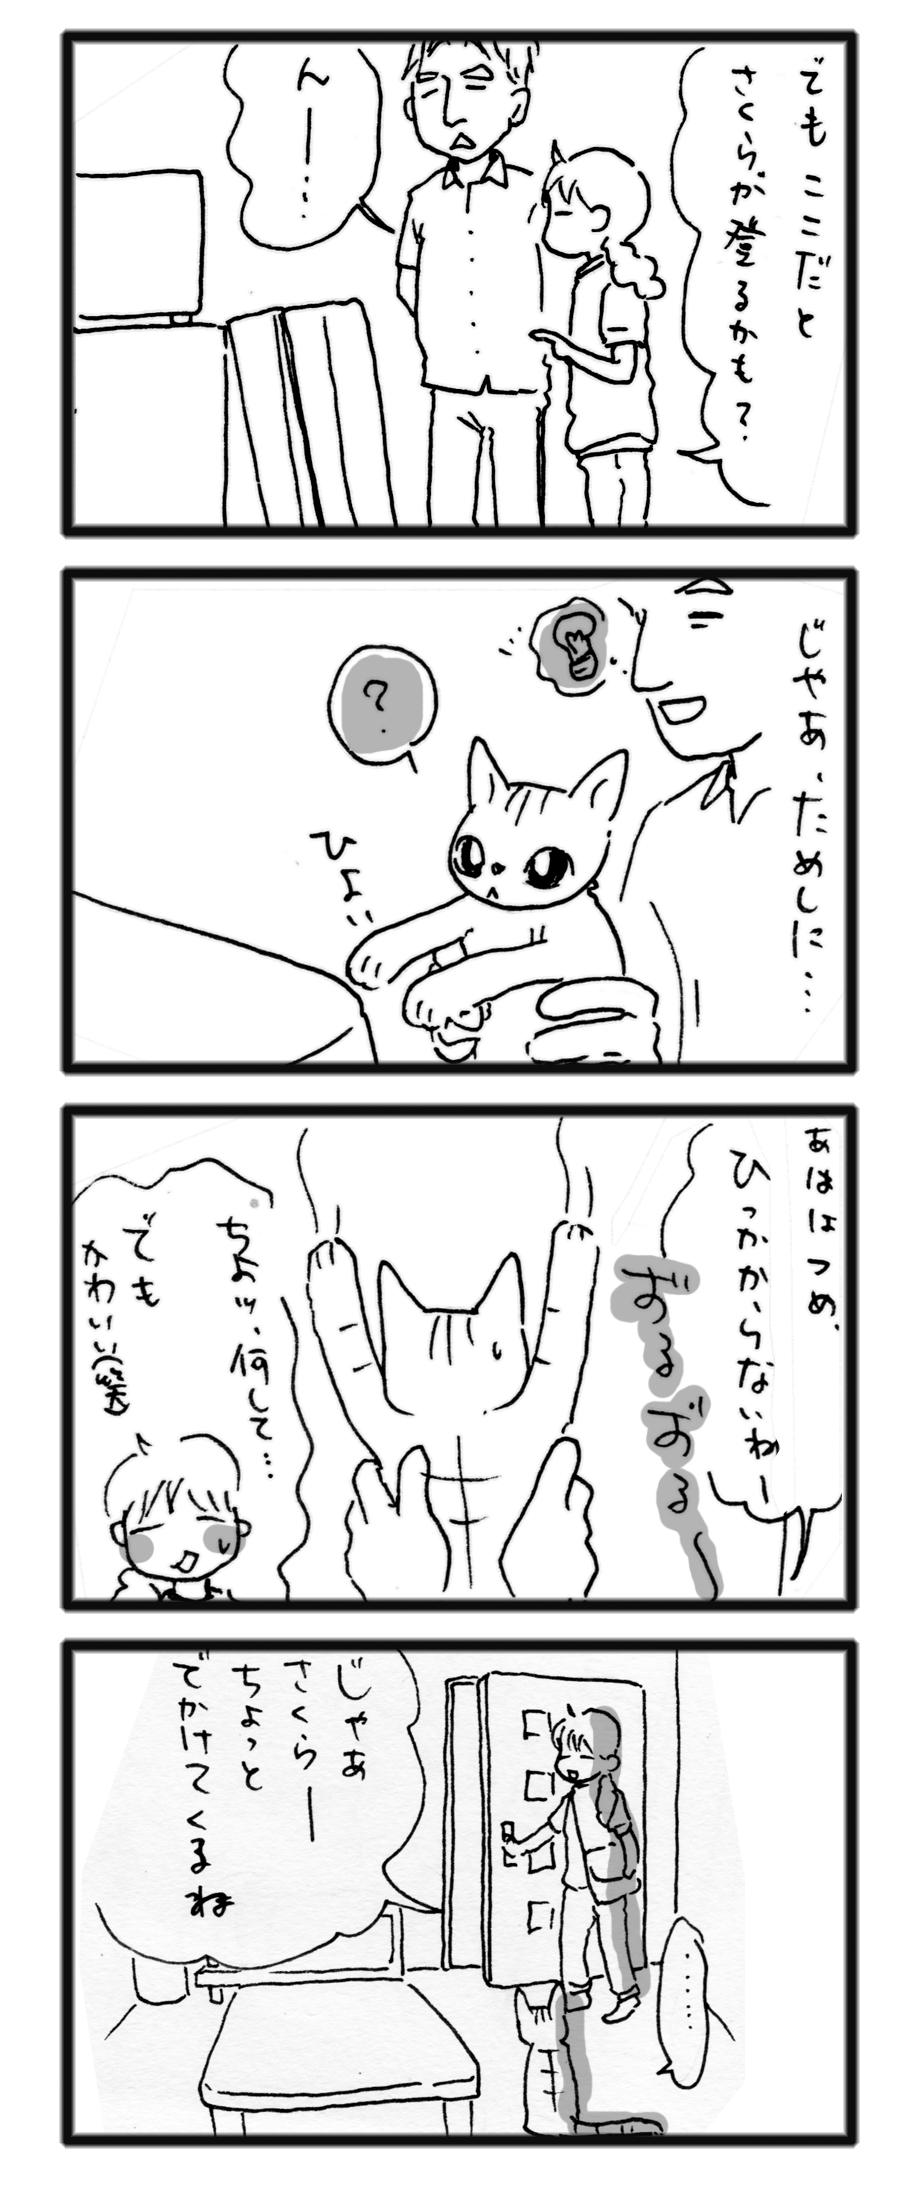 comic_13122002.jpg